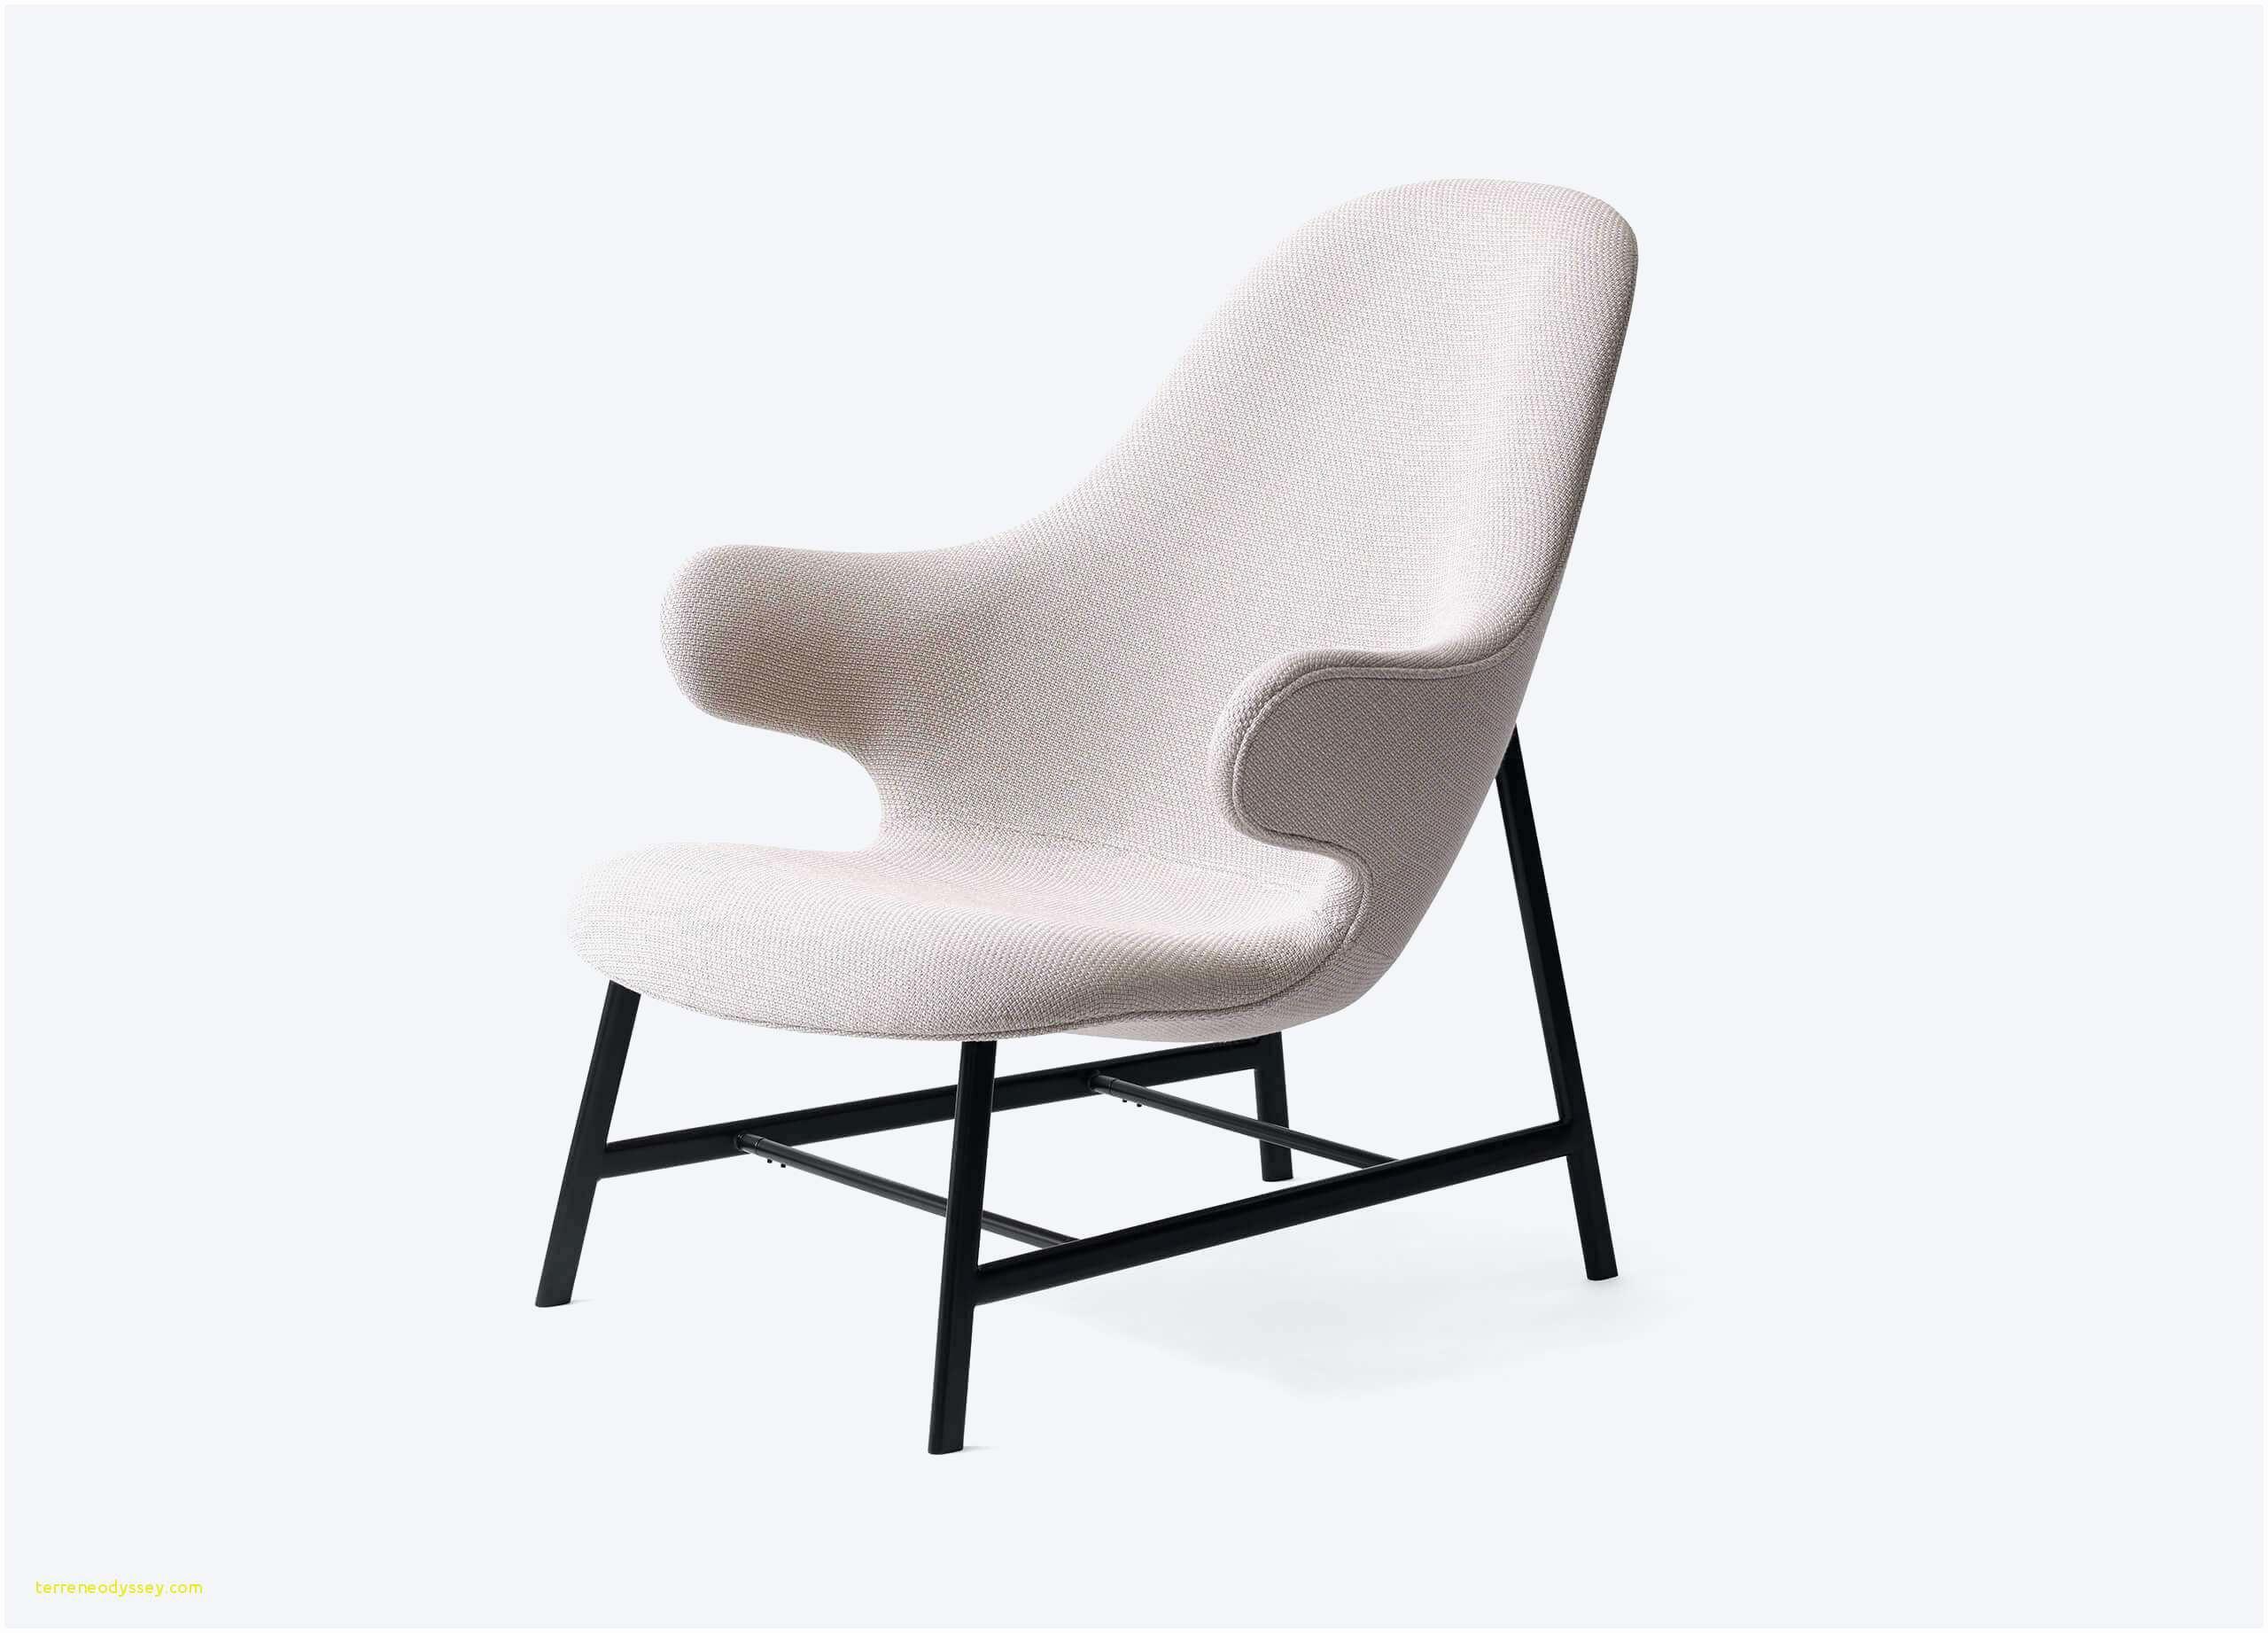 chaise fer forge salle a manger meilleur de frais chaise de salle a manger en bois unique table bois 0d archives of chaise fer forge salle a manger